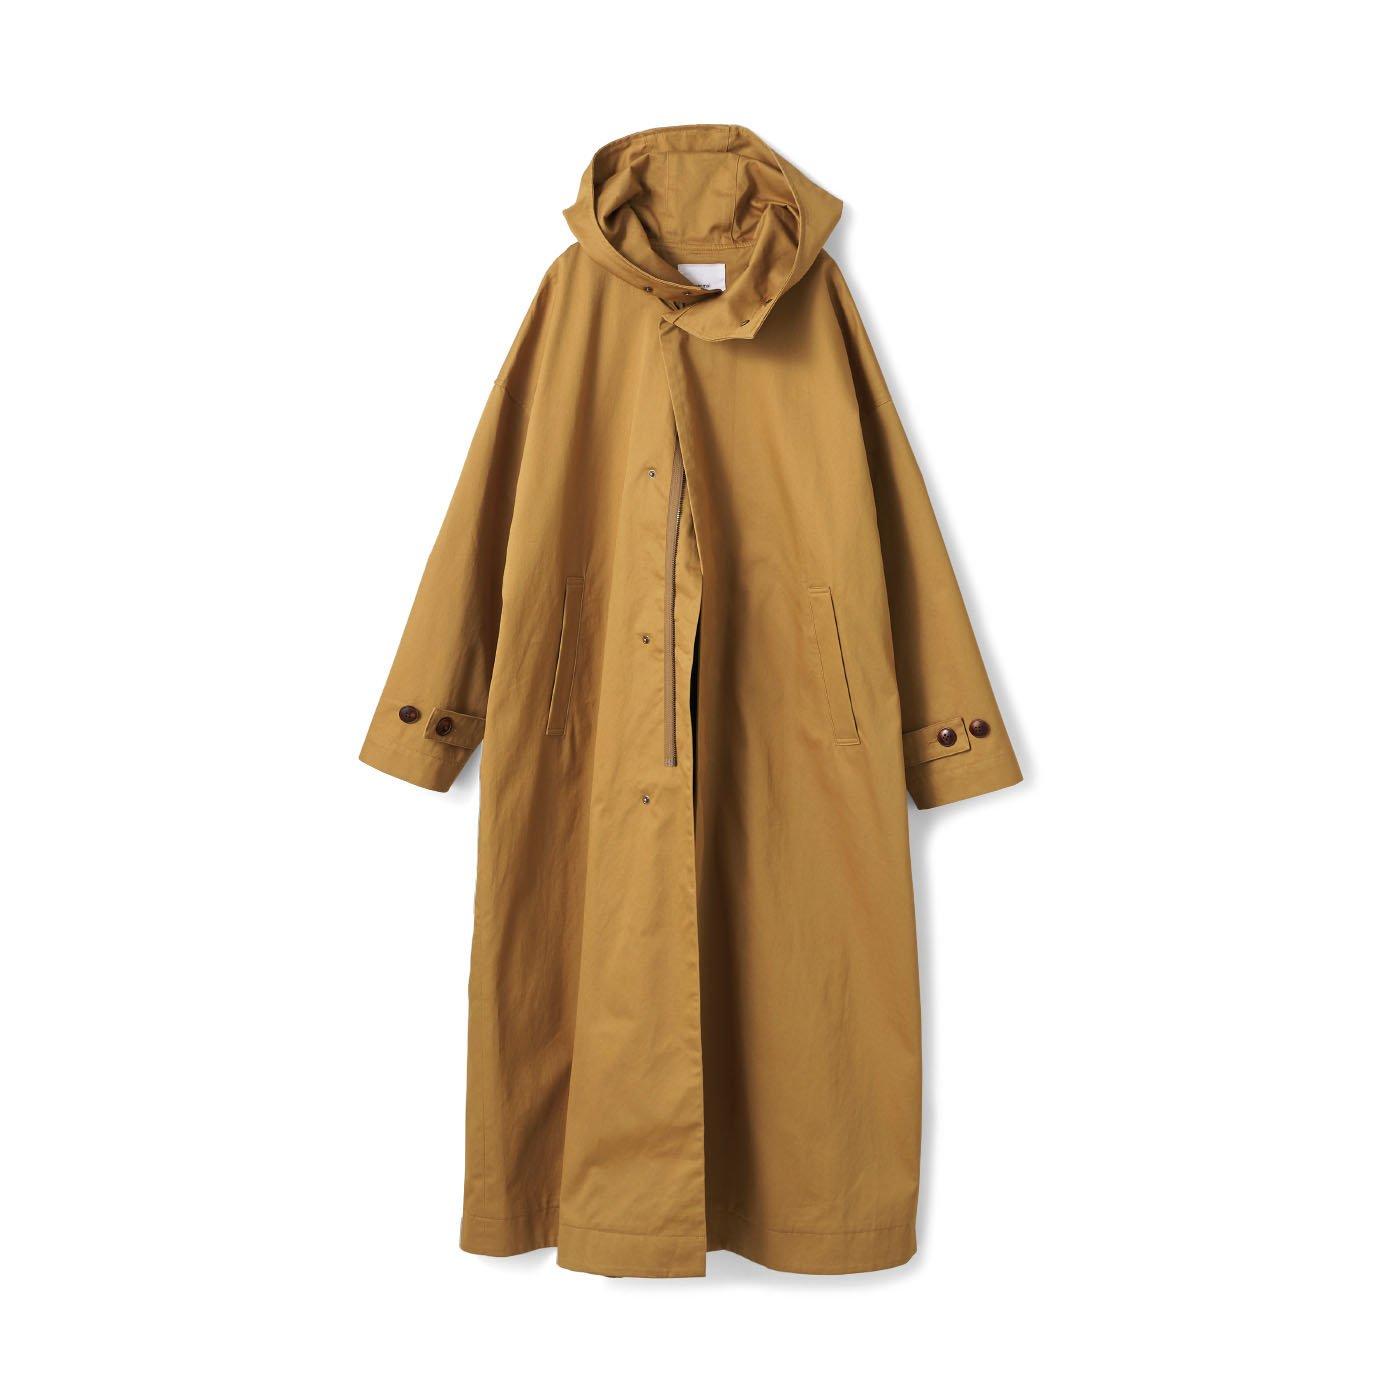 アヴェクモワ フードの付いたコート〈ベージュ〉